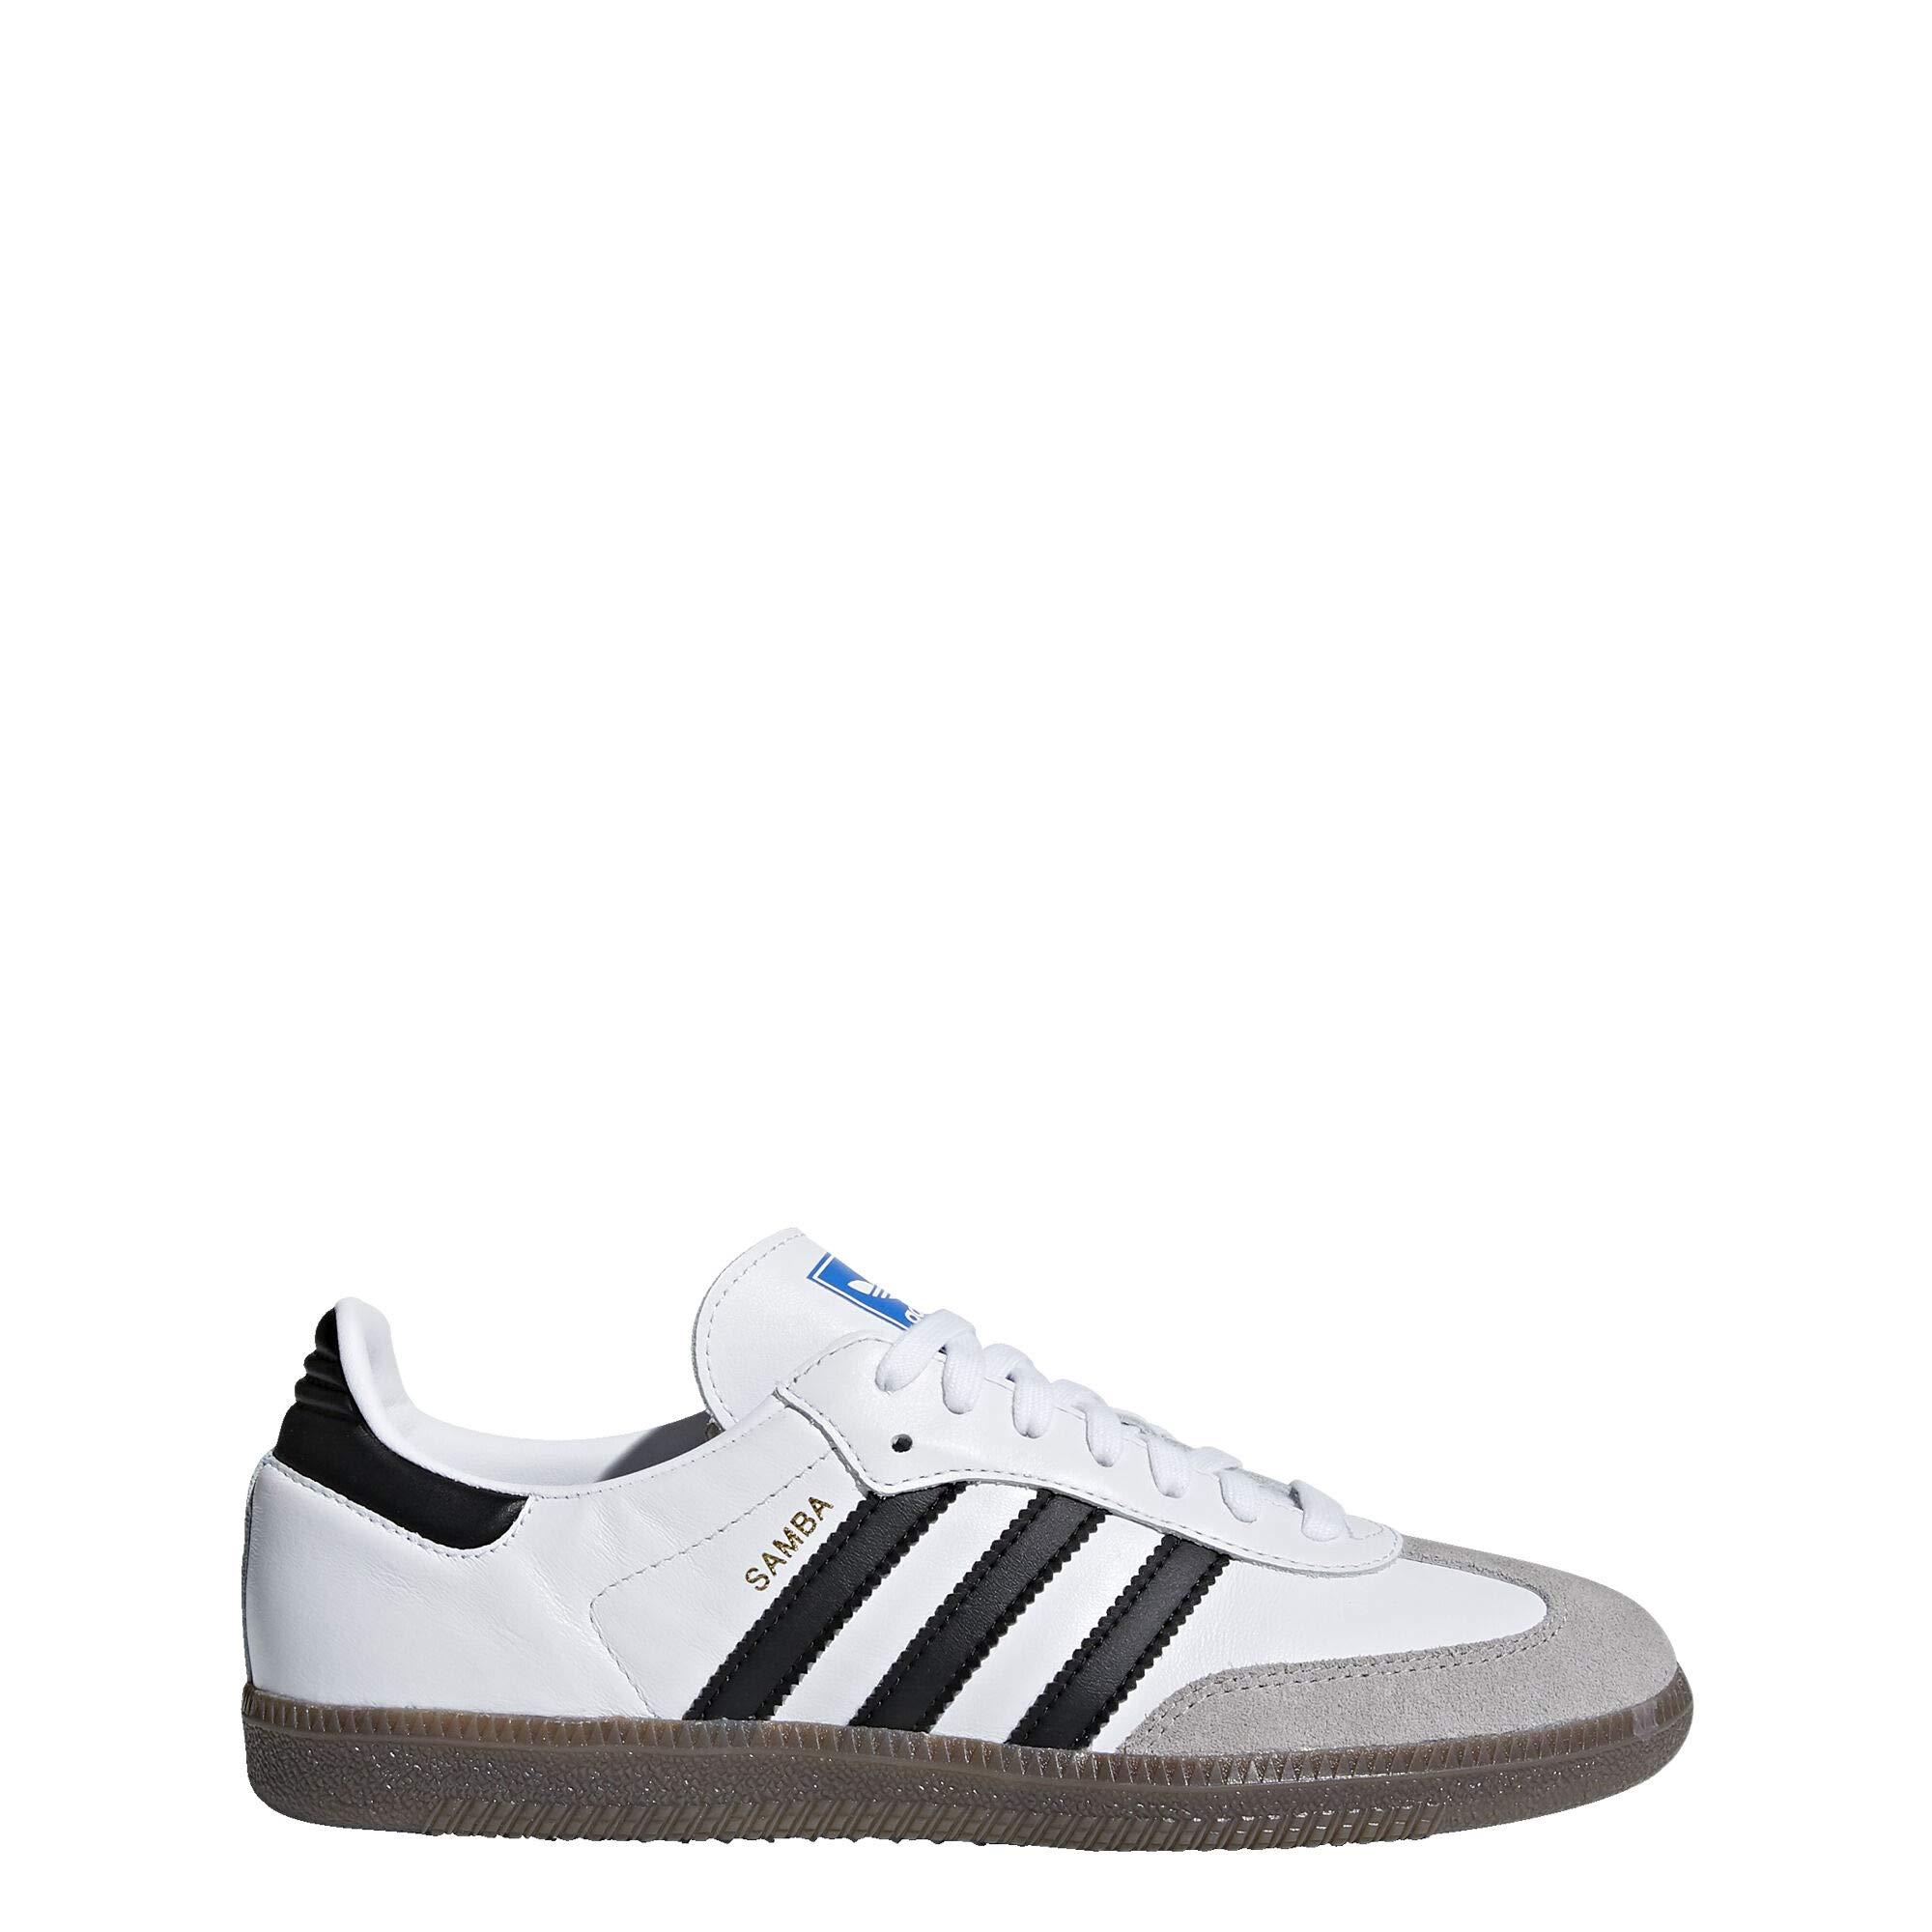 adidas Samba OG Shoes Women's- Buy